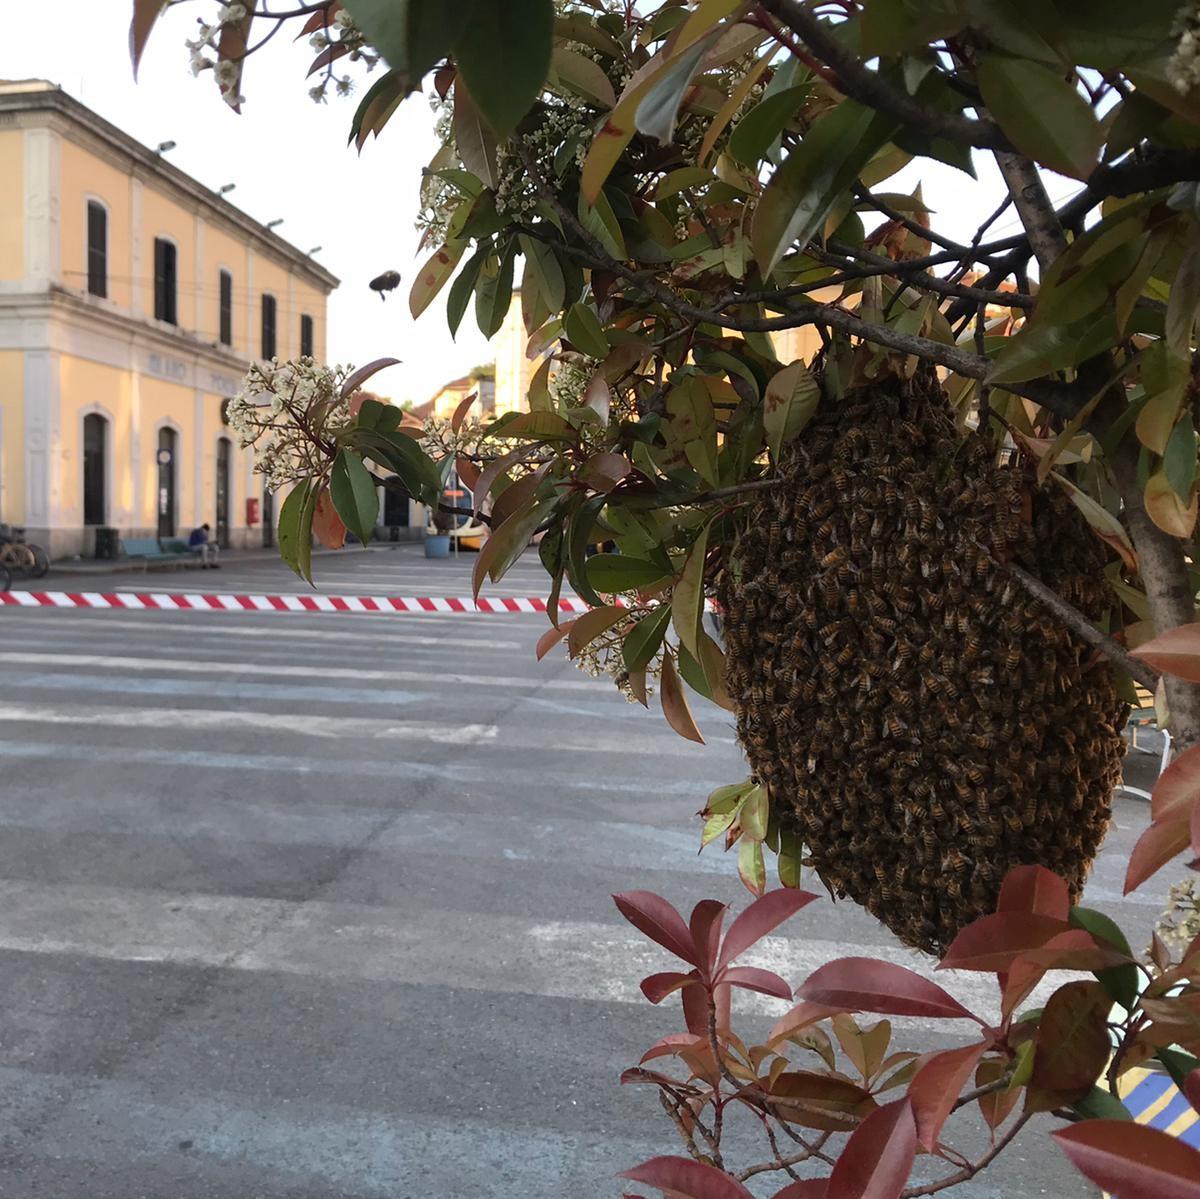 Recupero Api 24 - recupero api milano